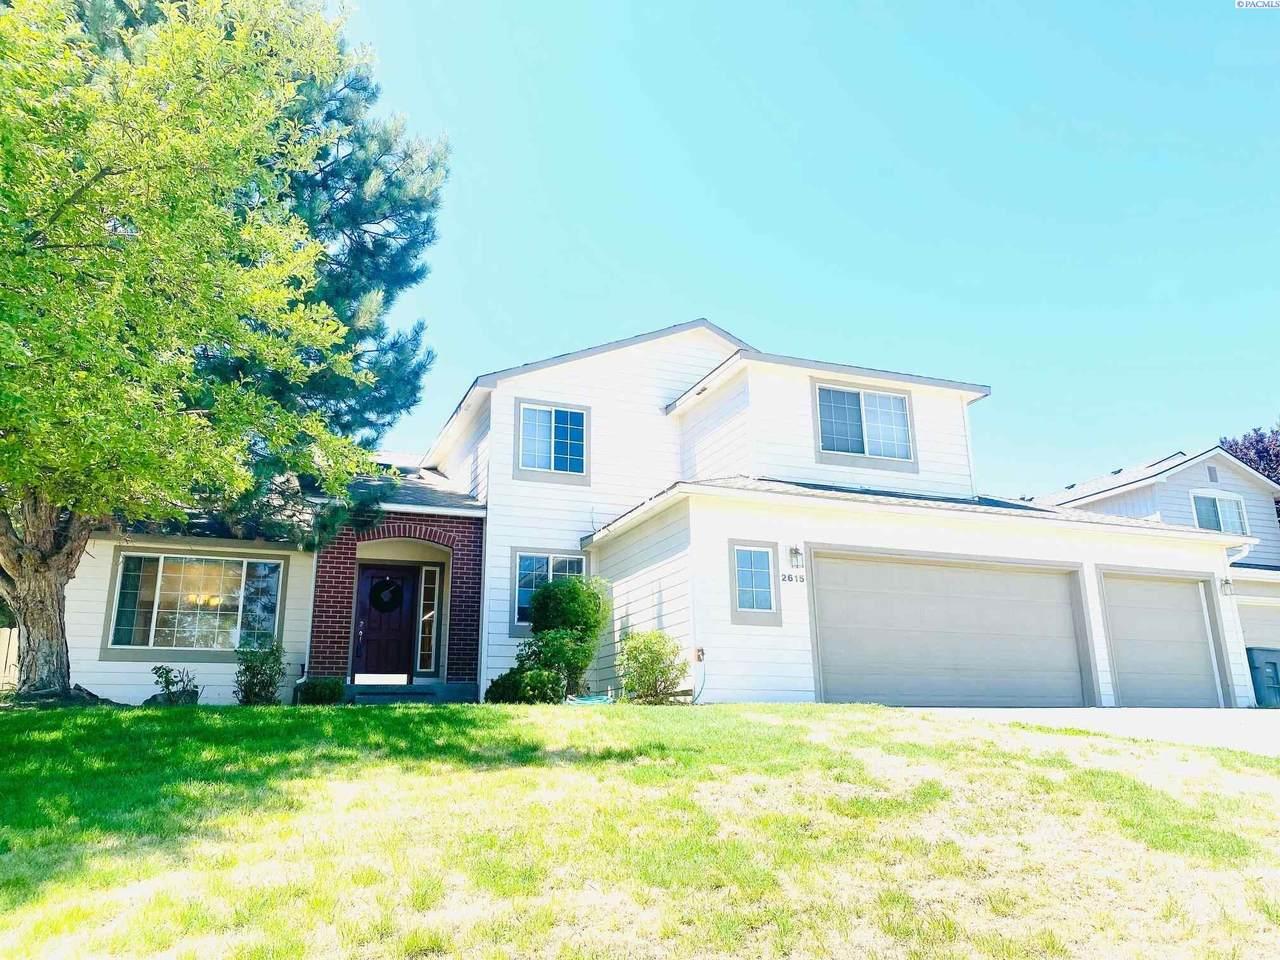 2615 Scottsdale Place - Photo 1